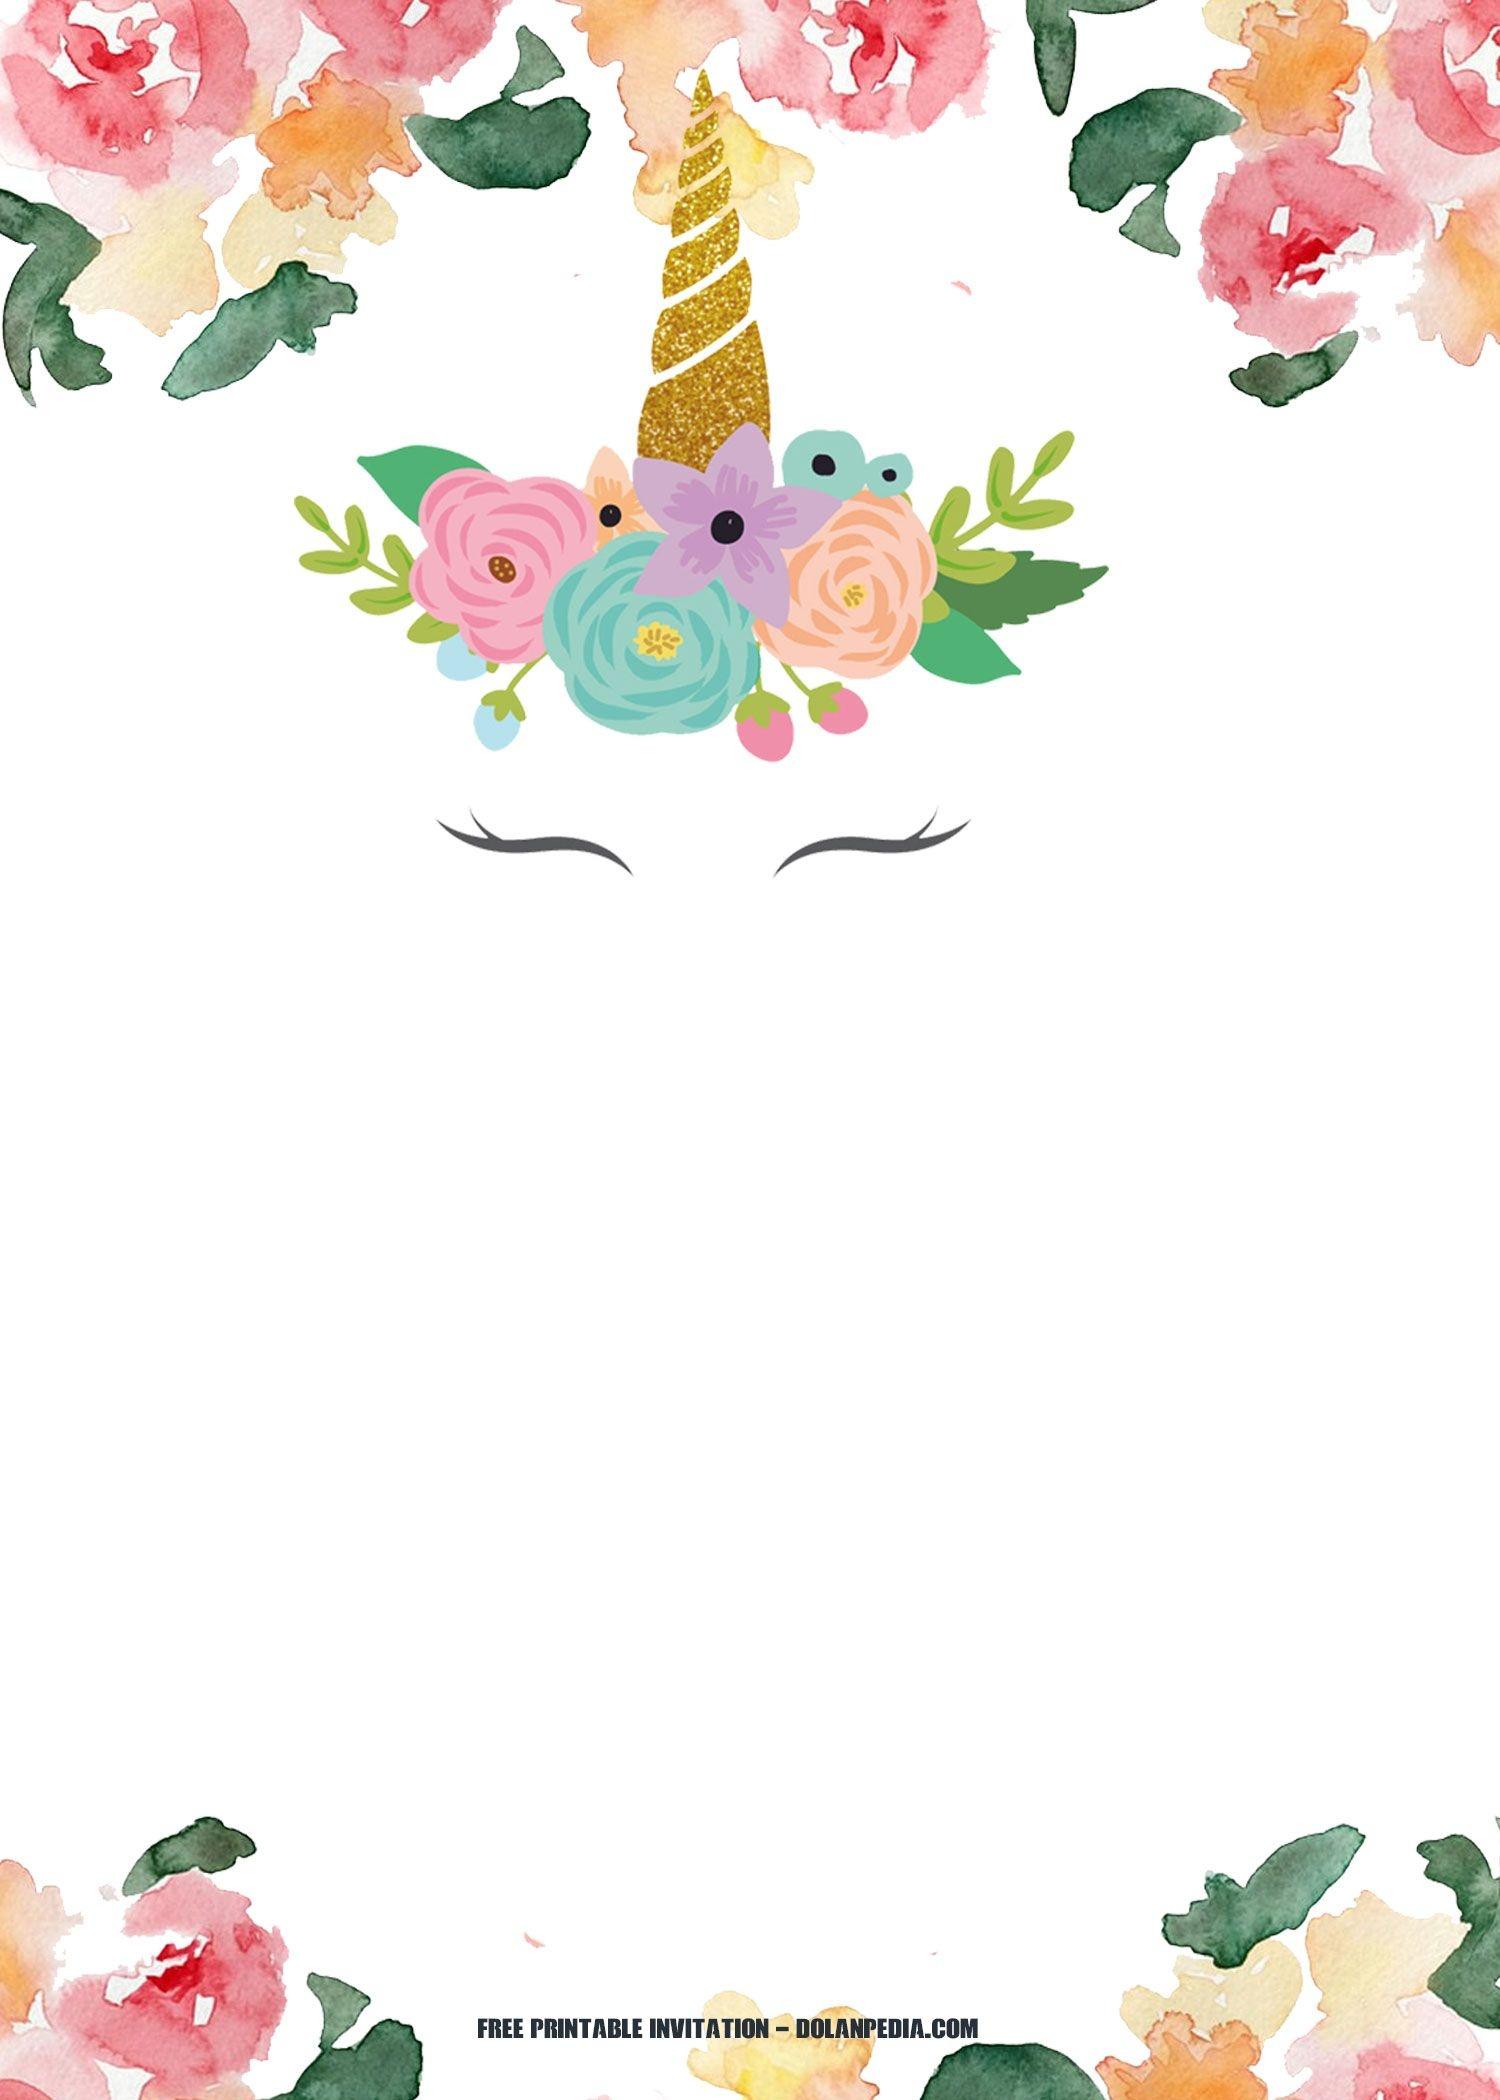 Free Printable Unicorn Rainbow Invitation   Free Printable - Free Printable Unicorn Template